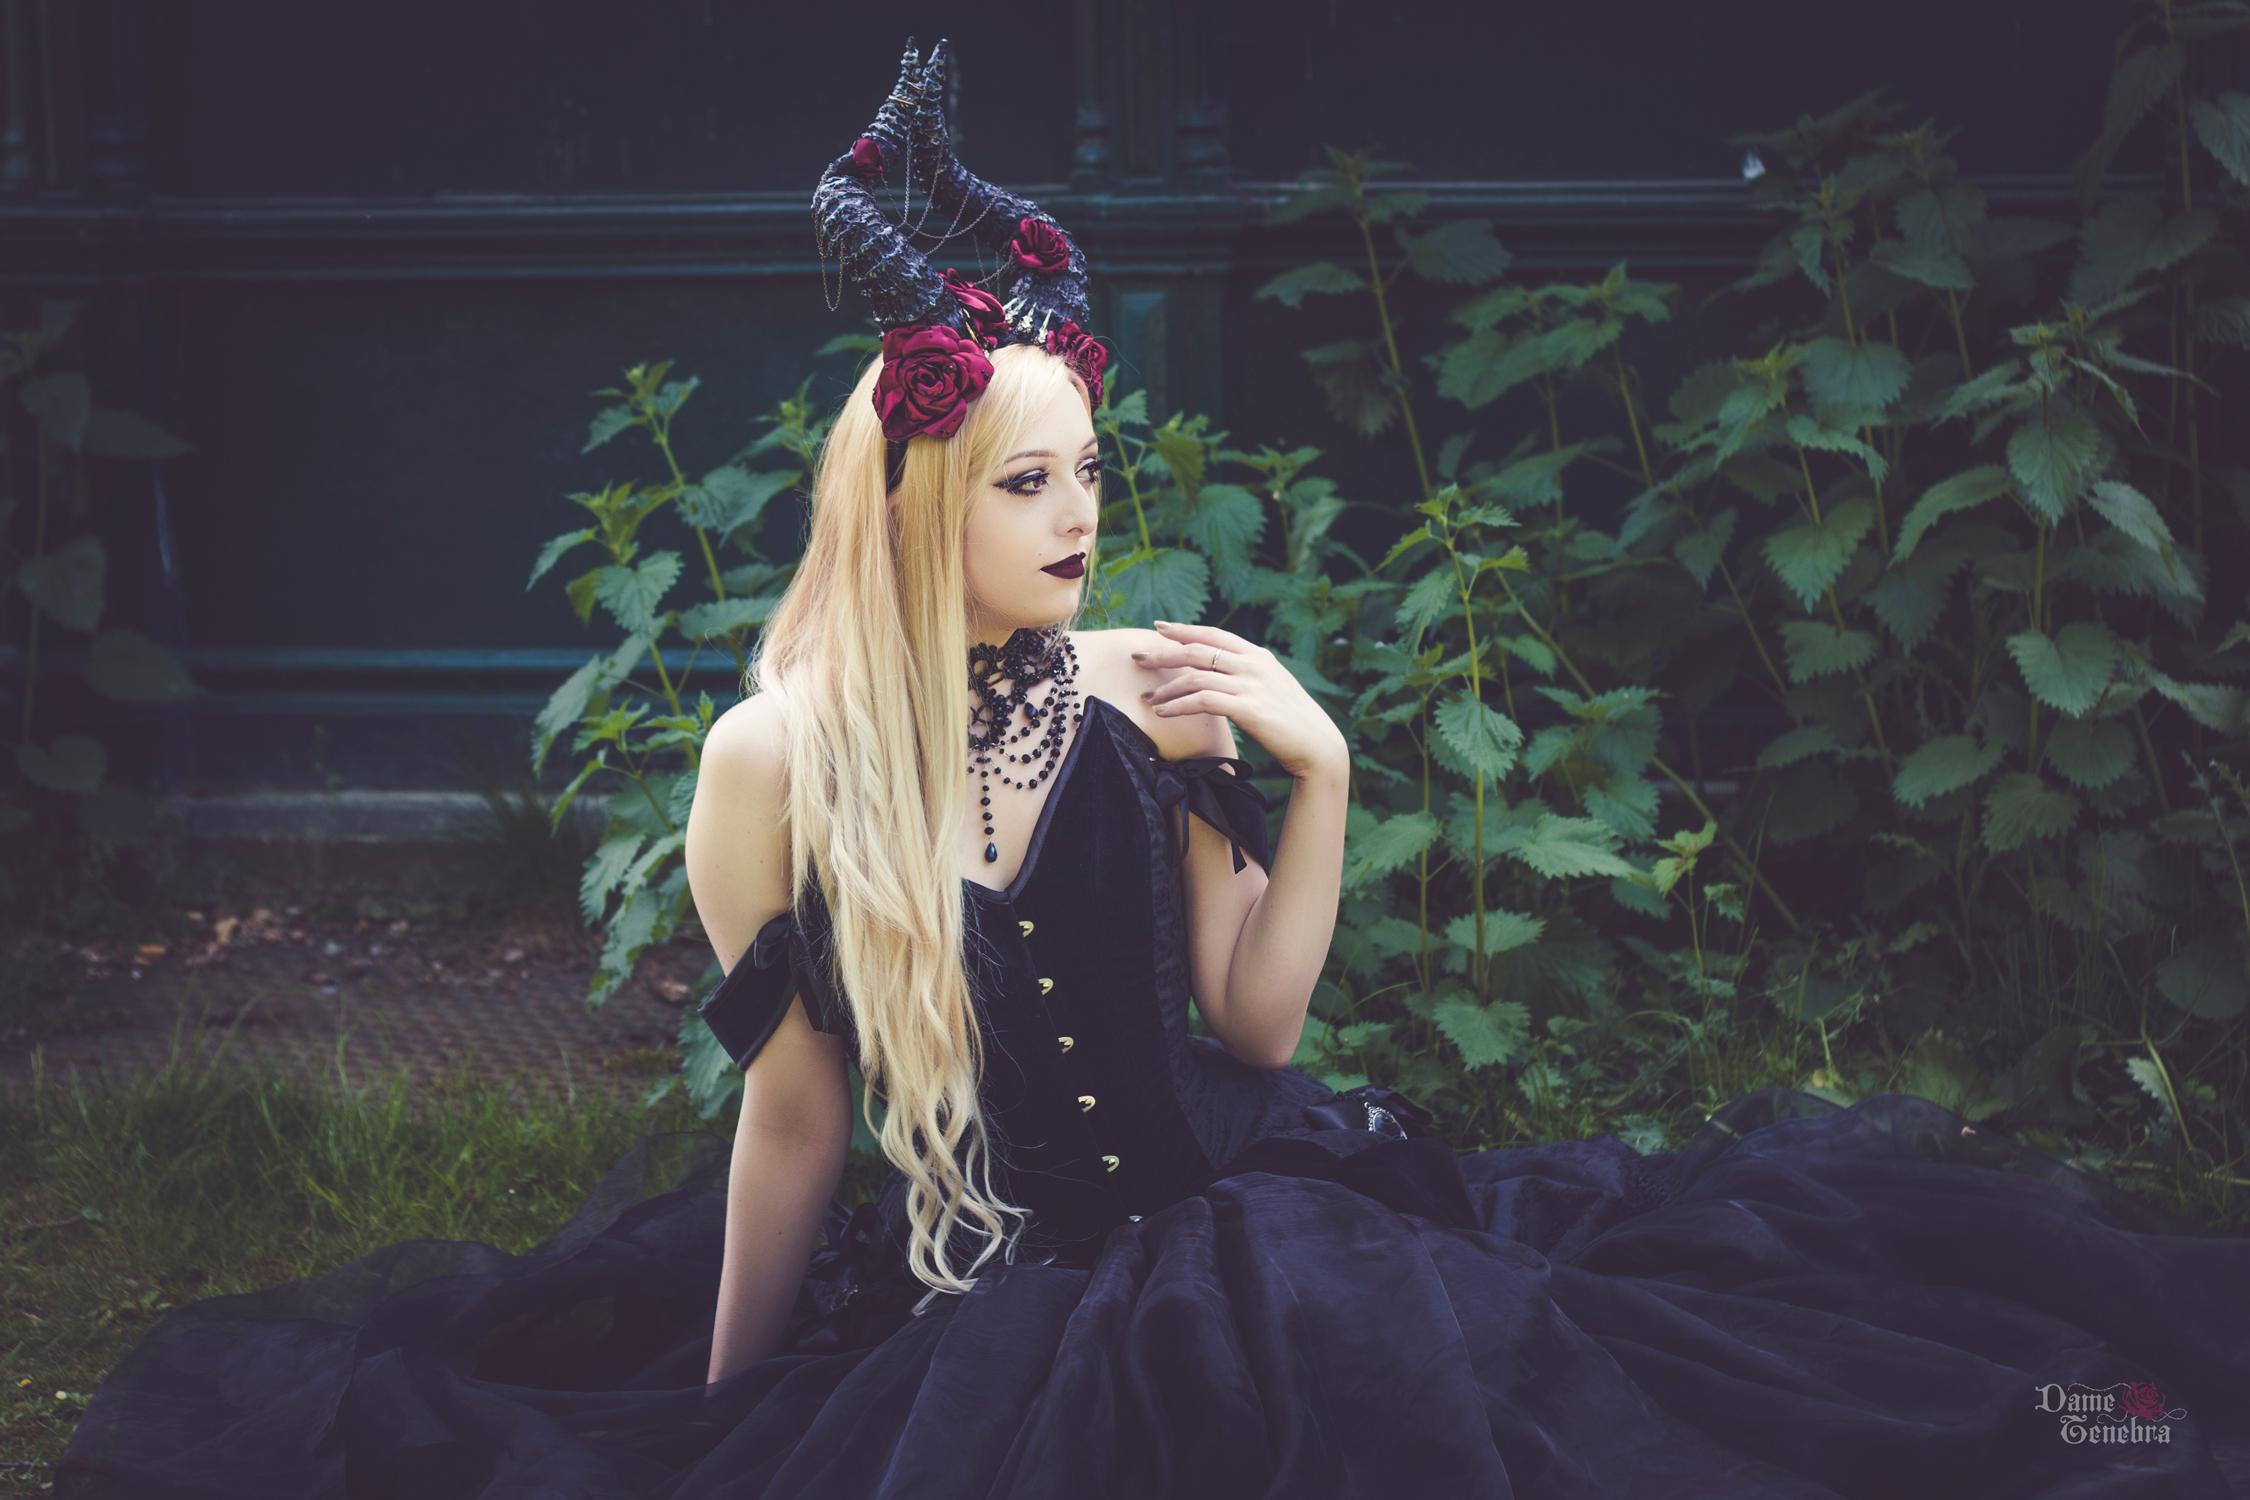 Modèle alternative Nö Eelys, Photographe Dame Ténébra, maquillage Le Boudoir de Nö, tenue gothique romantique, parure et coiffe fantaisie dragon noir par Medeina des Lys